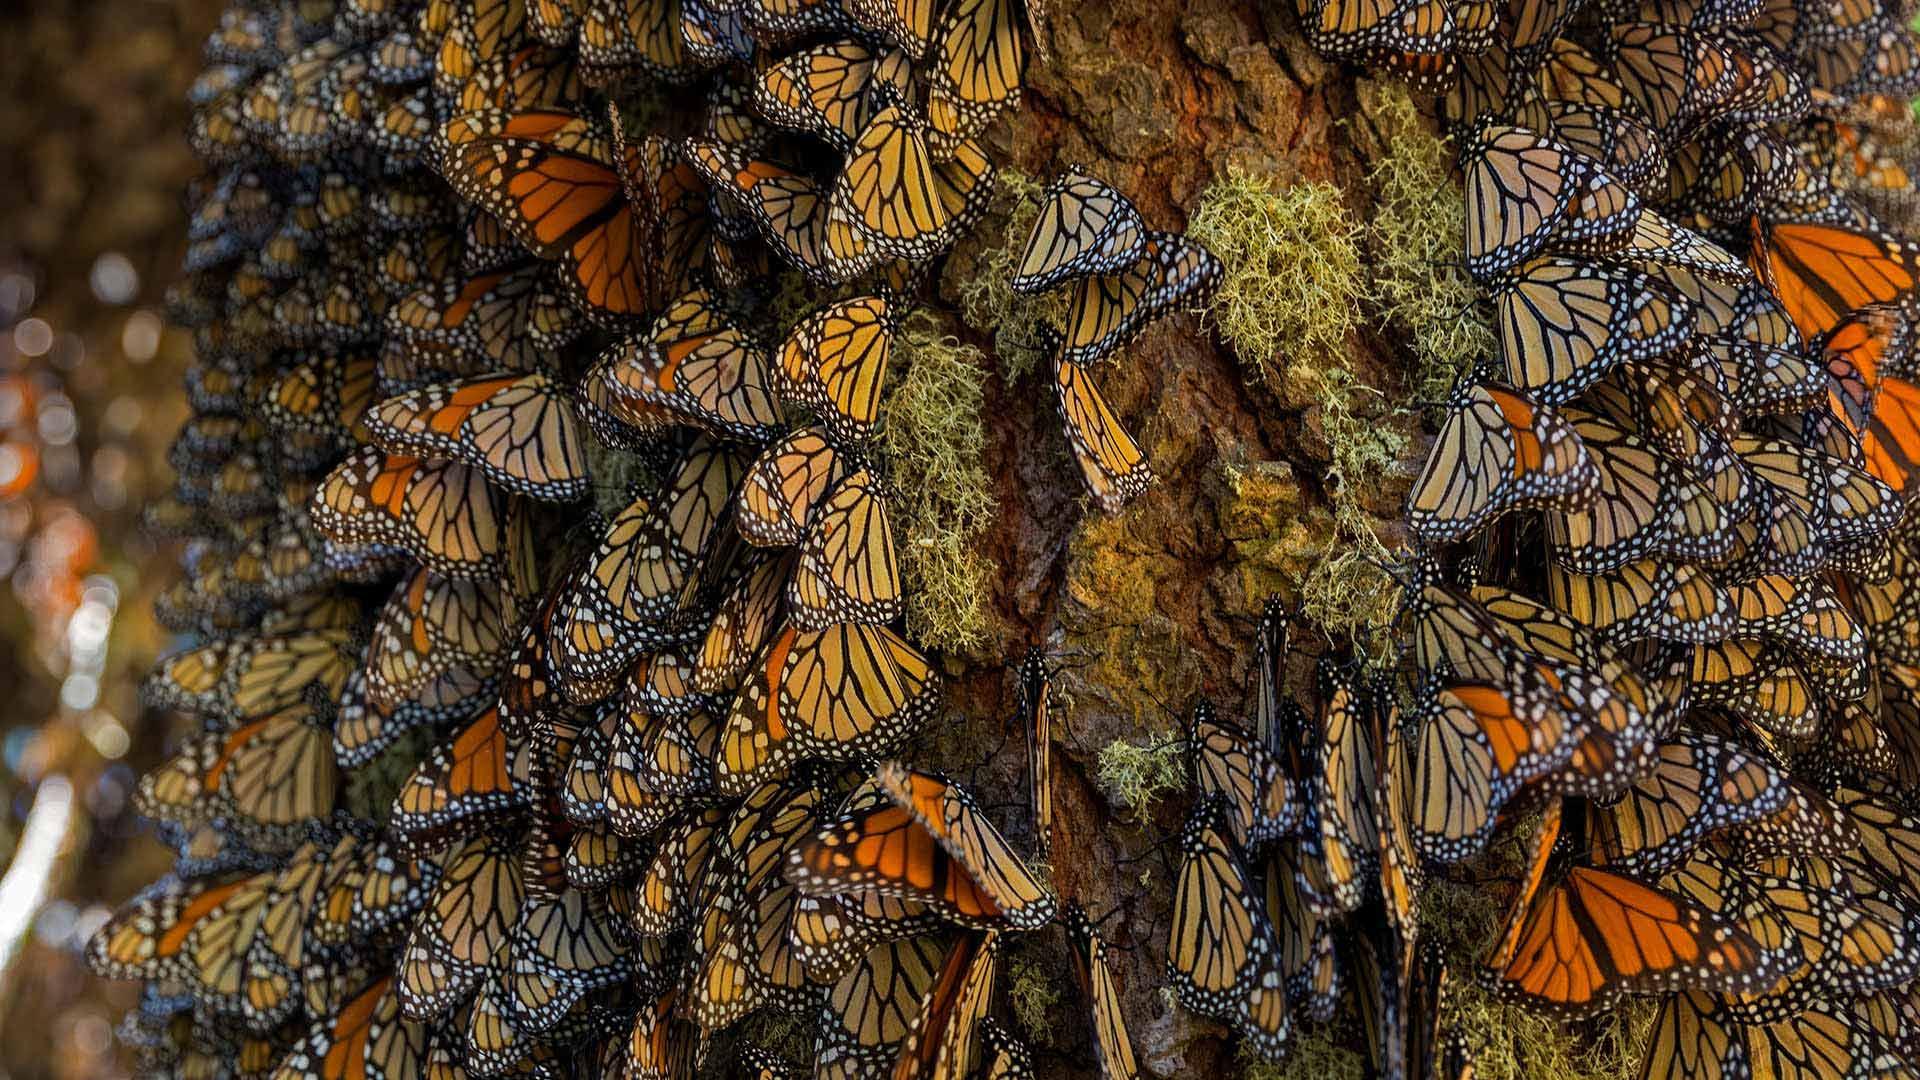 在米却肯州越冬的帝王蝶帝王蝶